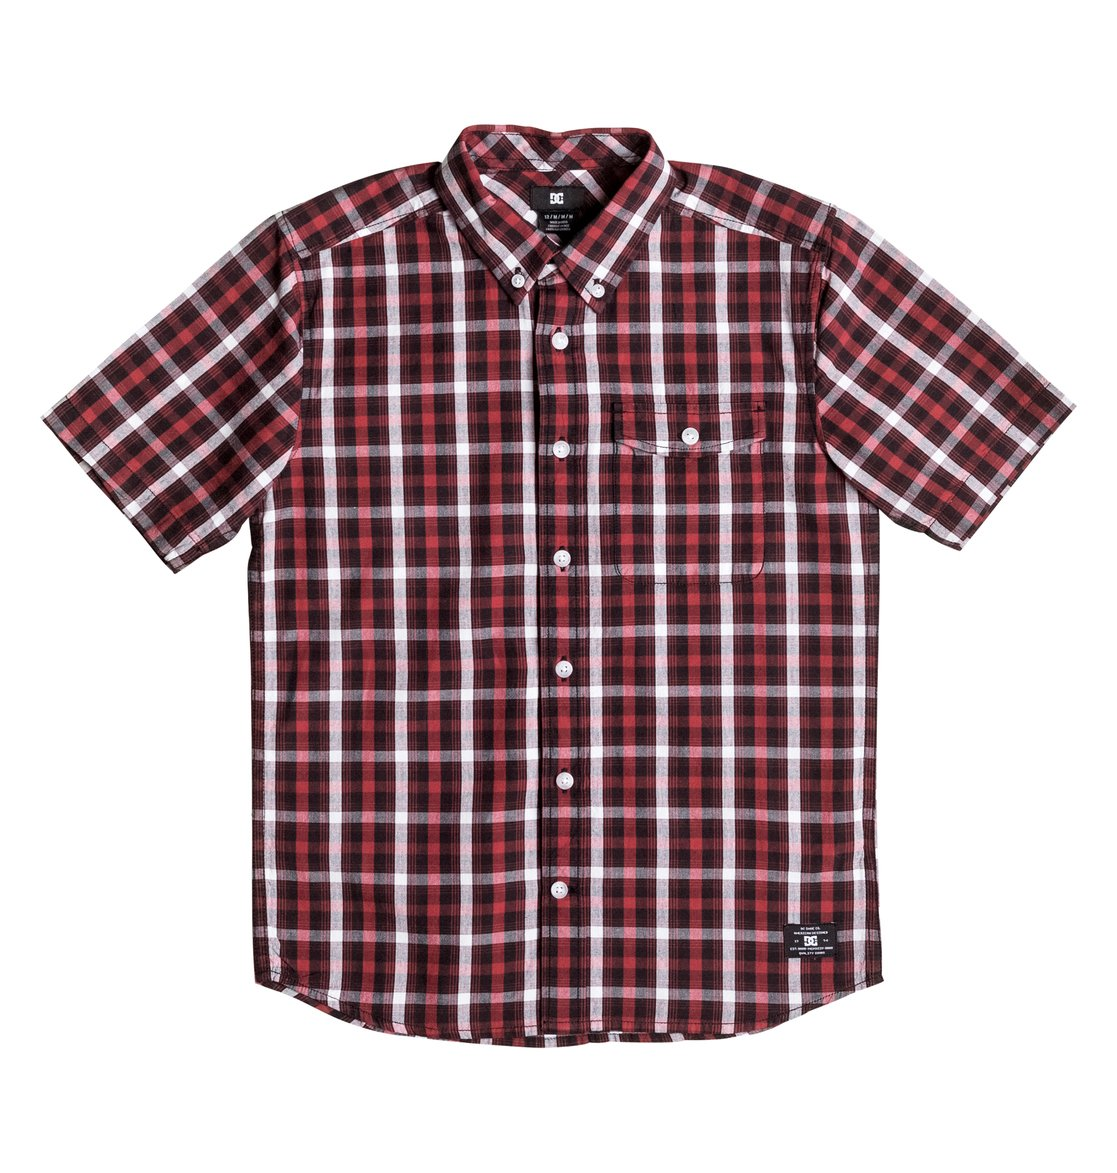 Рубашка с коротким рукавом Atura 4 рубашка в клетку dc atura 3 atura varsity blue